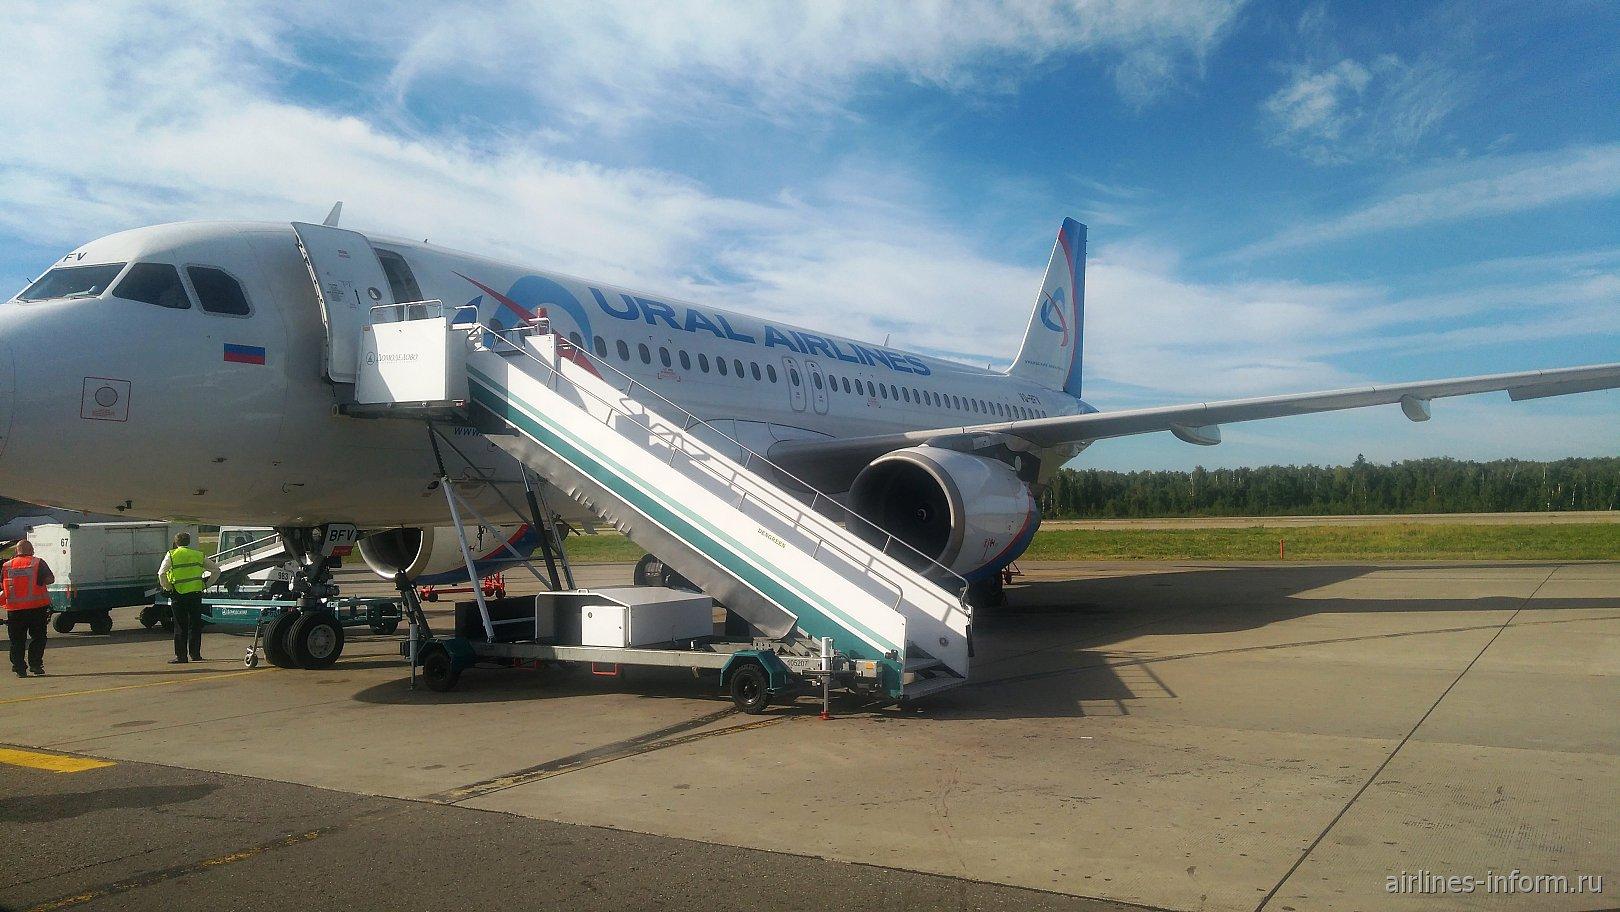 Уральскими авиалиниями из Екатеринбурга в Москву + авиахаки